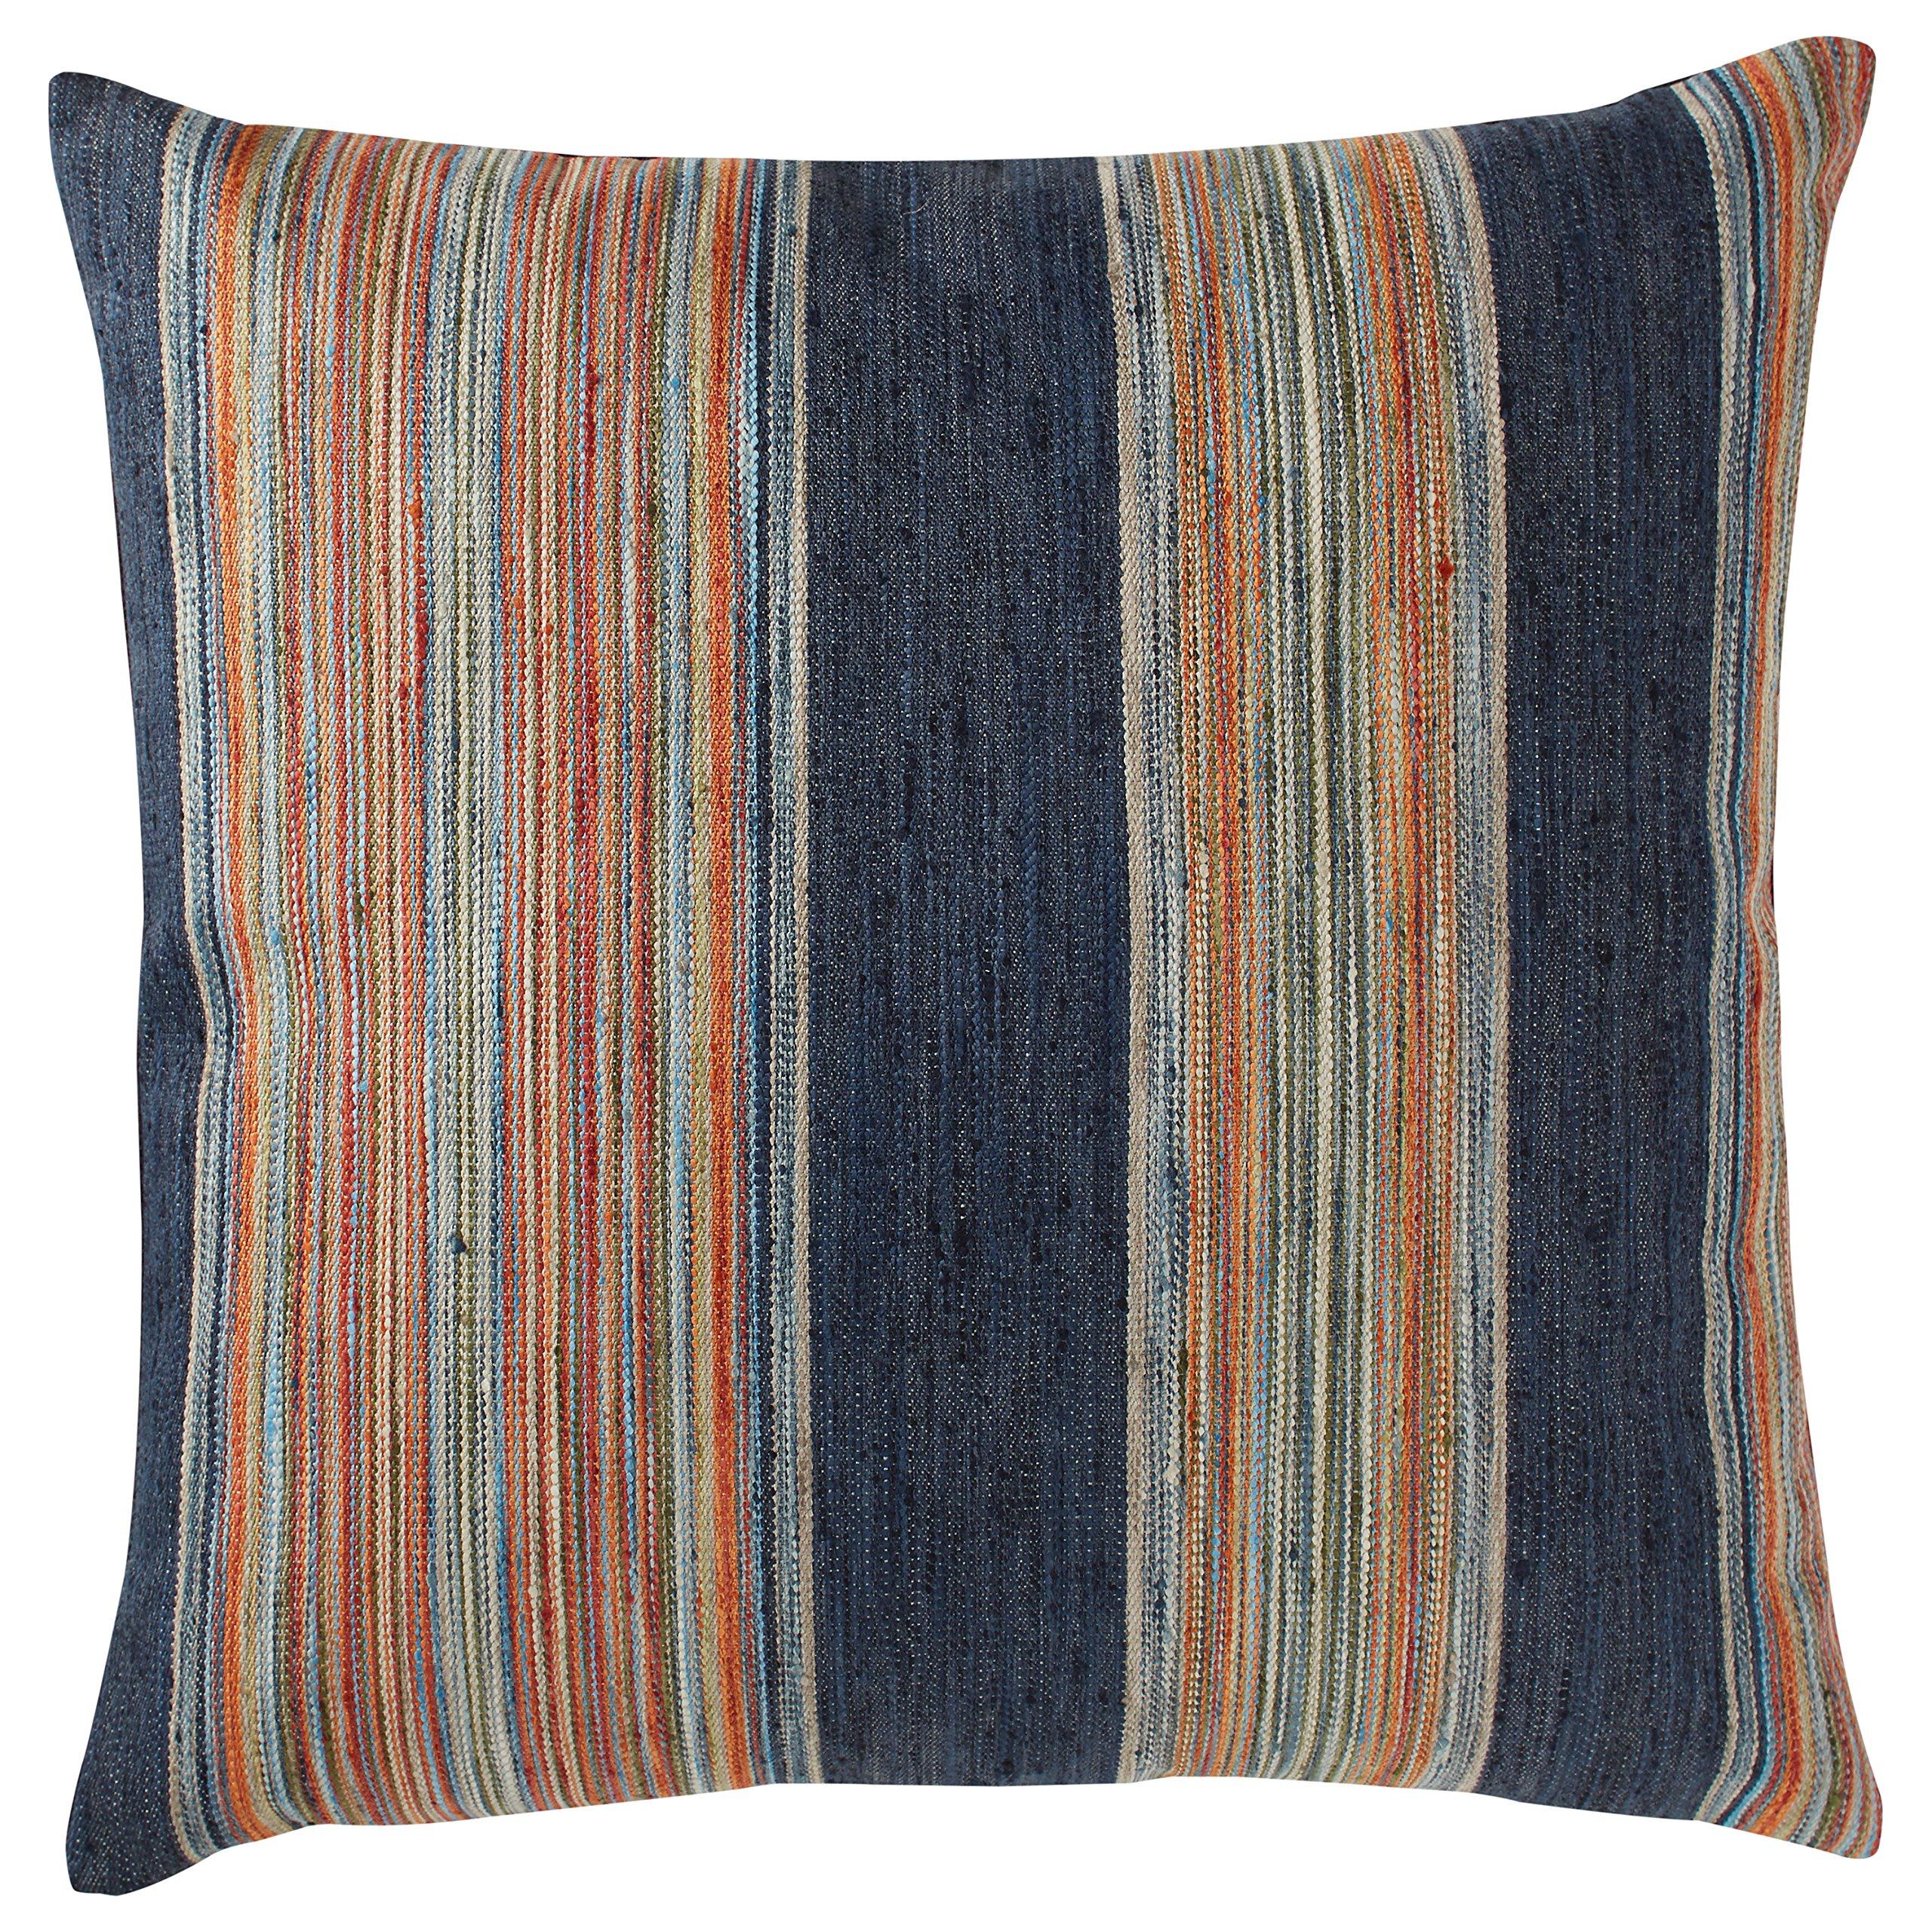 Rivet Bohemian Stripe Pillow, 17'' x 17'', Ink